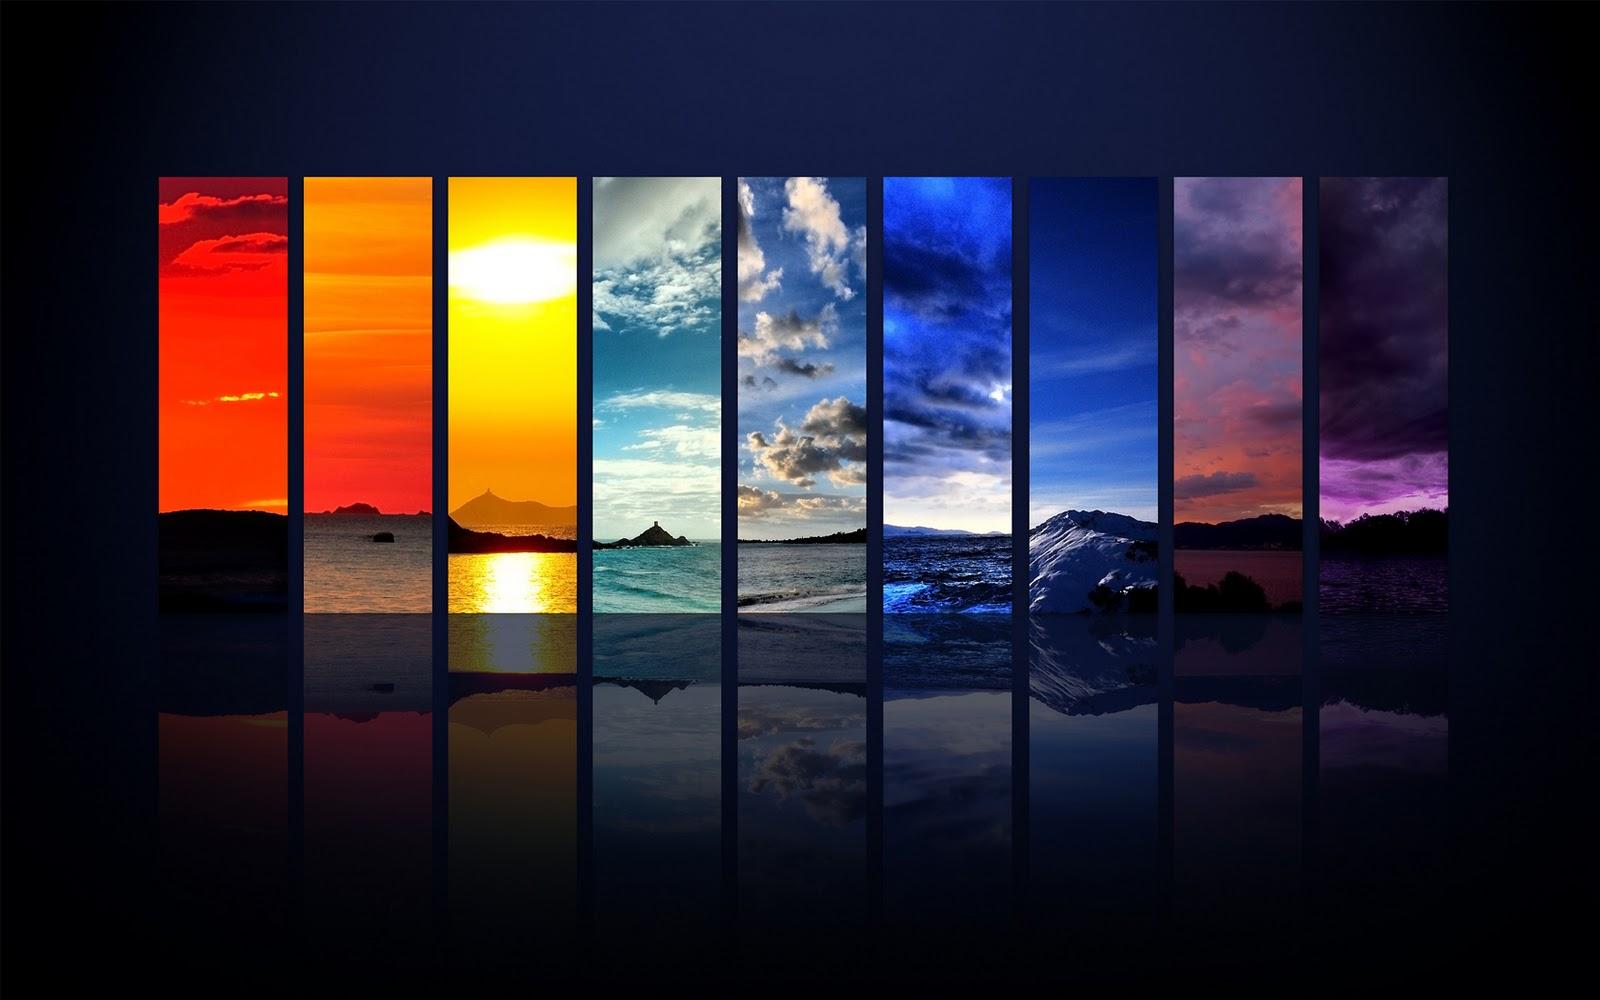 Fondos de pantalla y temas visuales para tu escritorio for Imagenes para fondo de escritorio hd